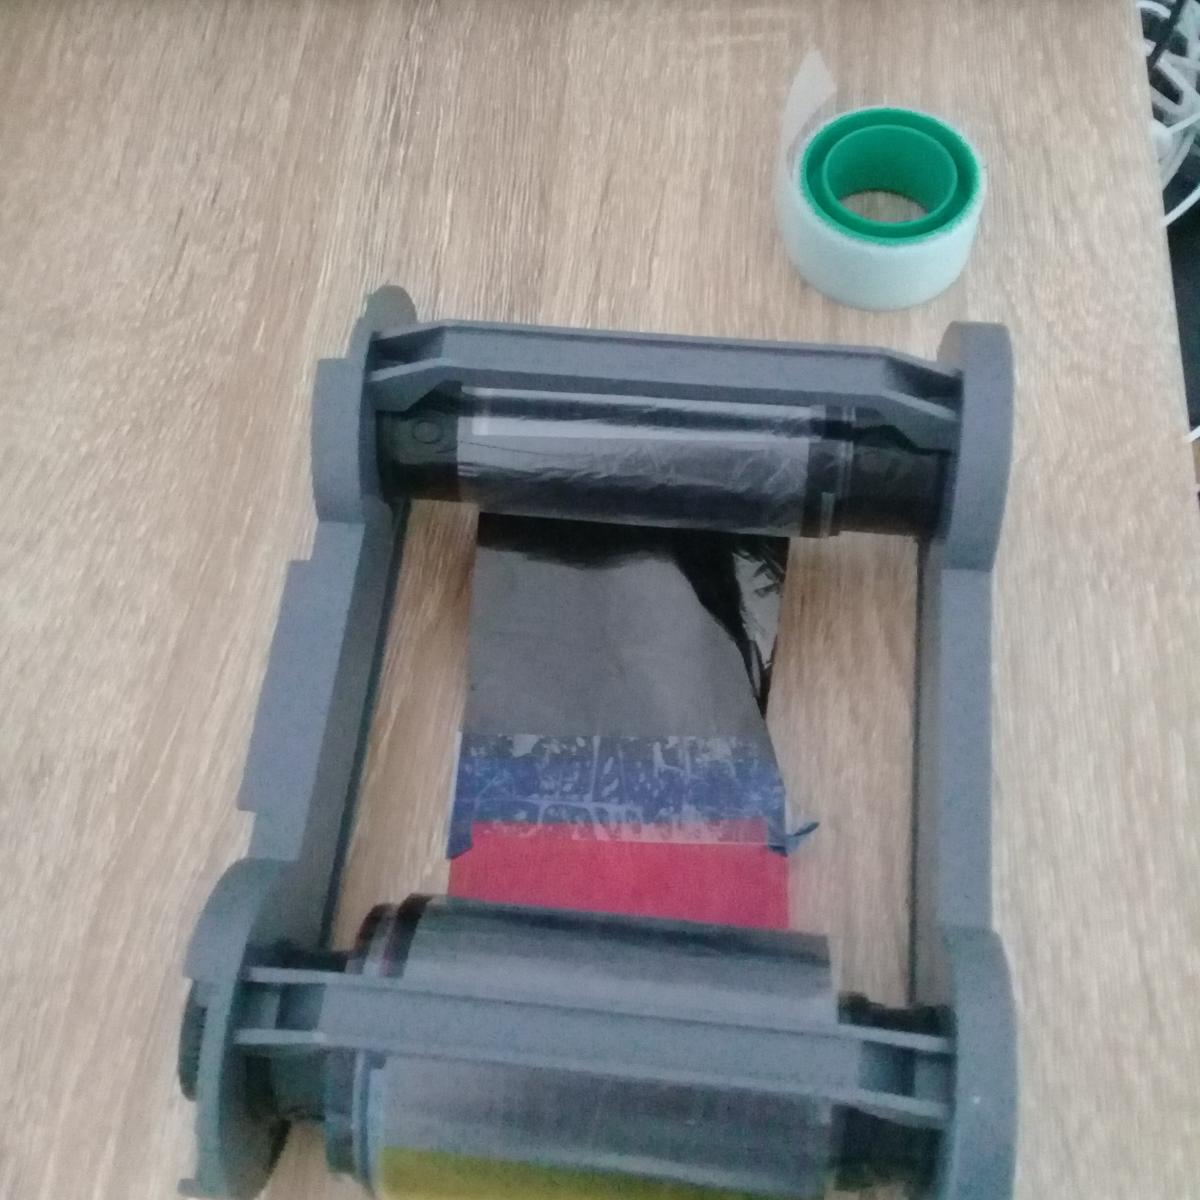 Repairing a broken/ripped Badgy ribbon